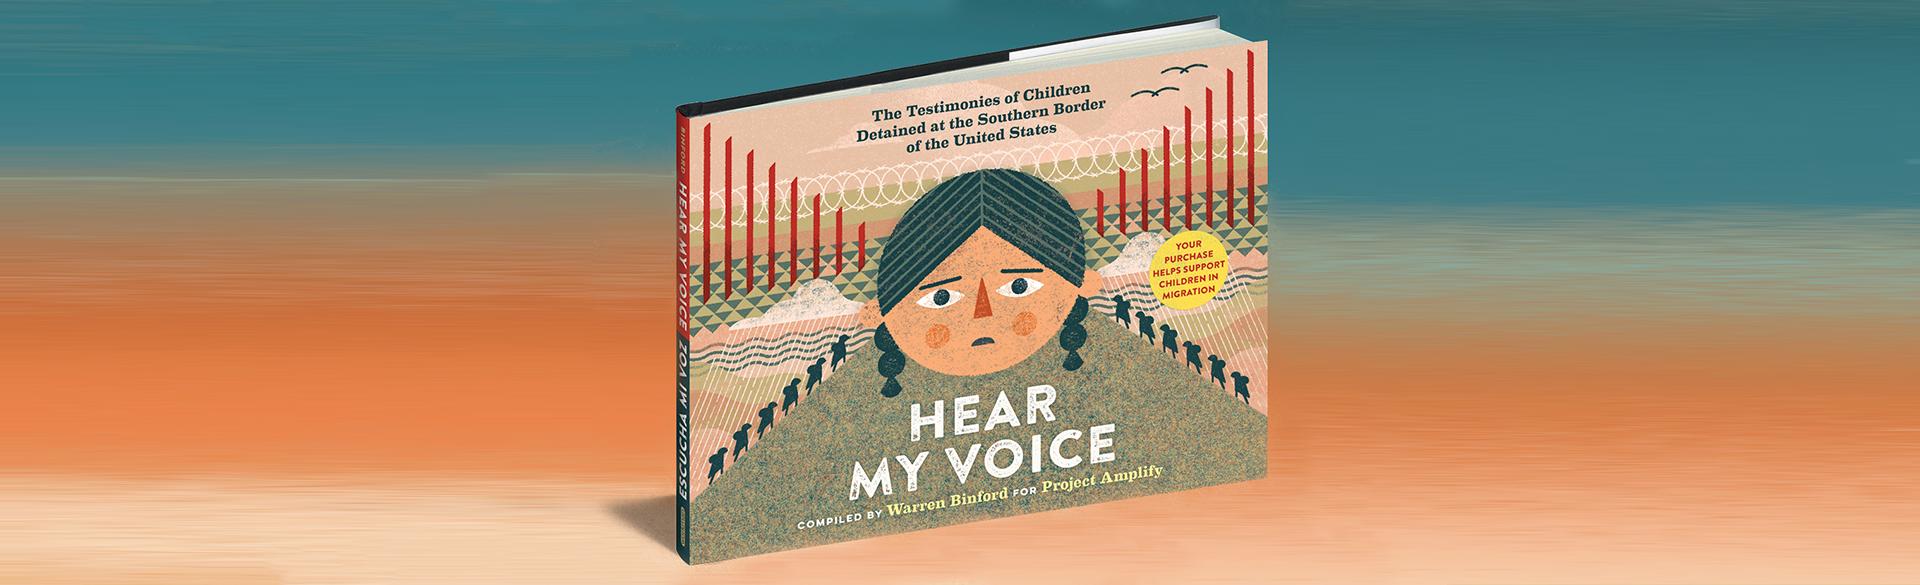 Warren Binford | Hear My Voice